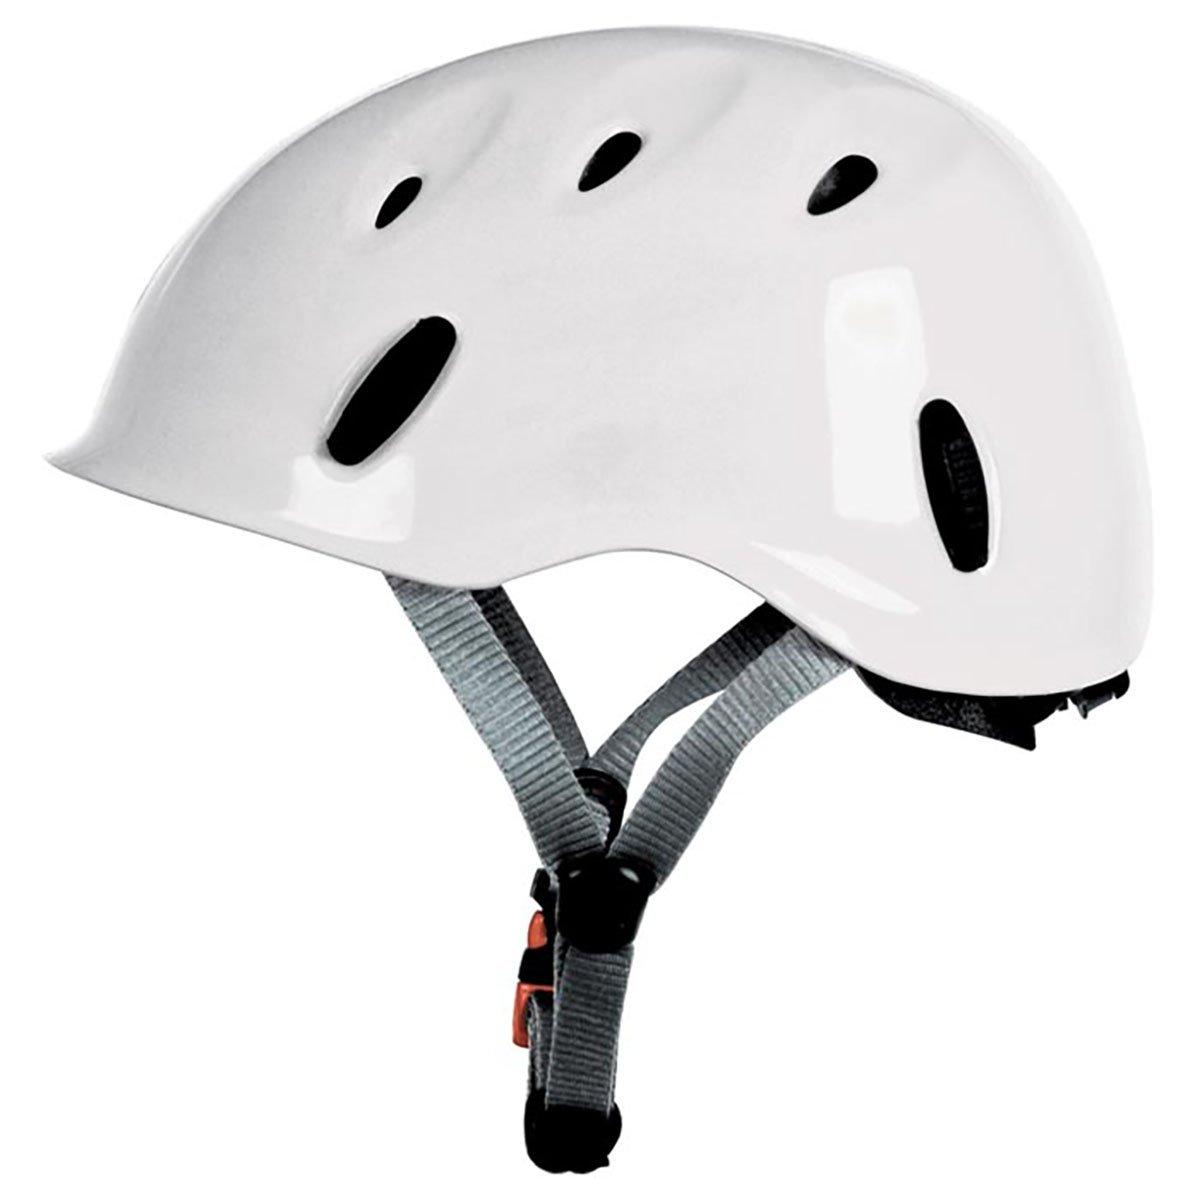 熱い販売 コンビヘルメット White B002N13VRI B002N13VRI White White White, ブリティッシュライフ:adaab580 --- a0267596.xsph.ru